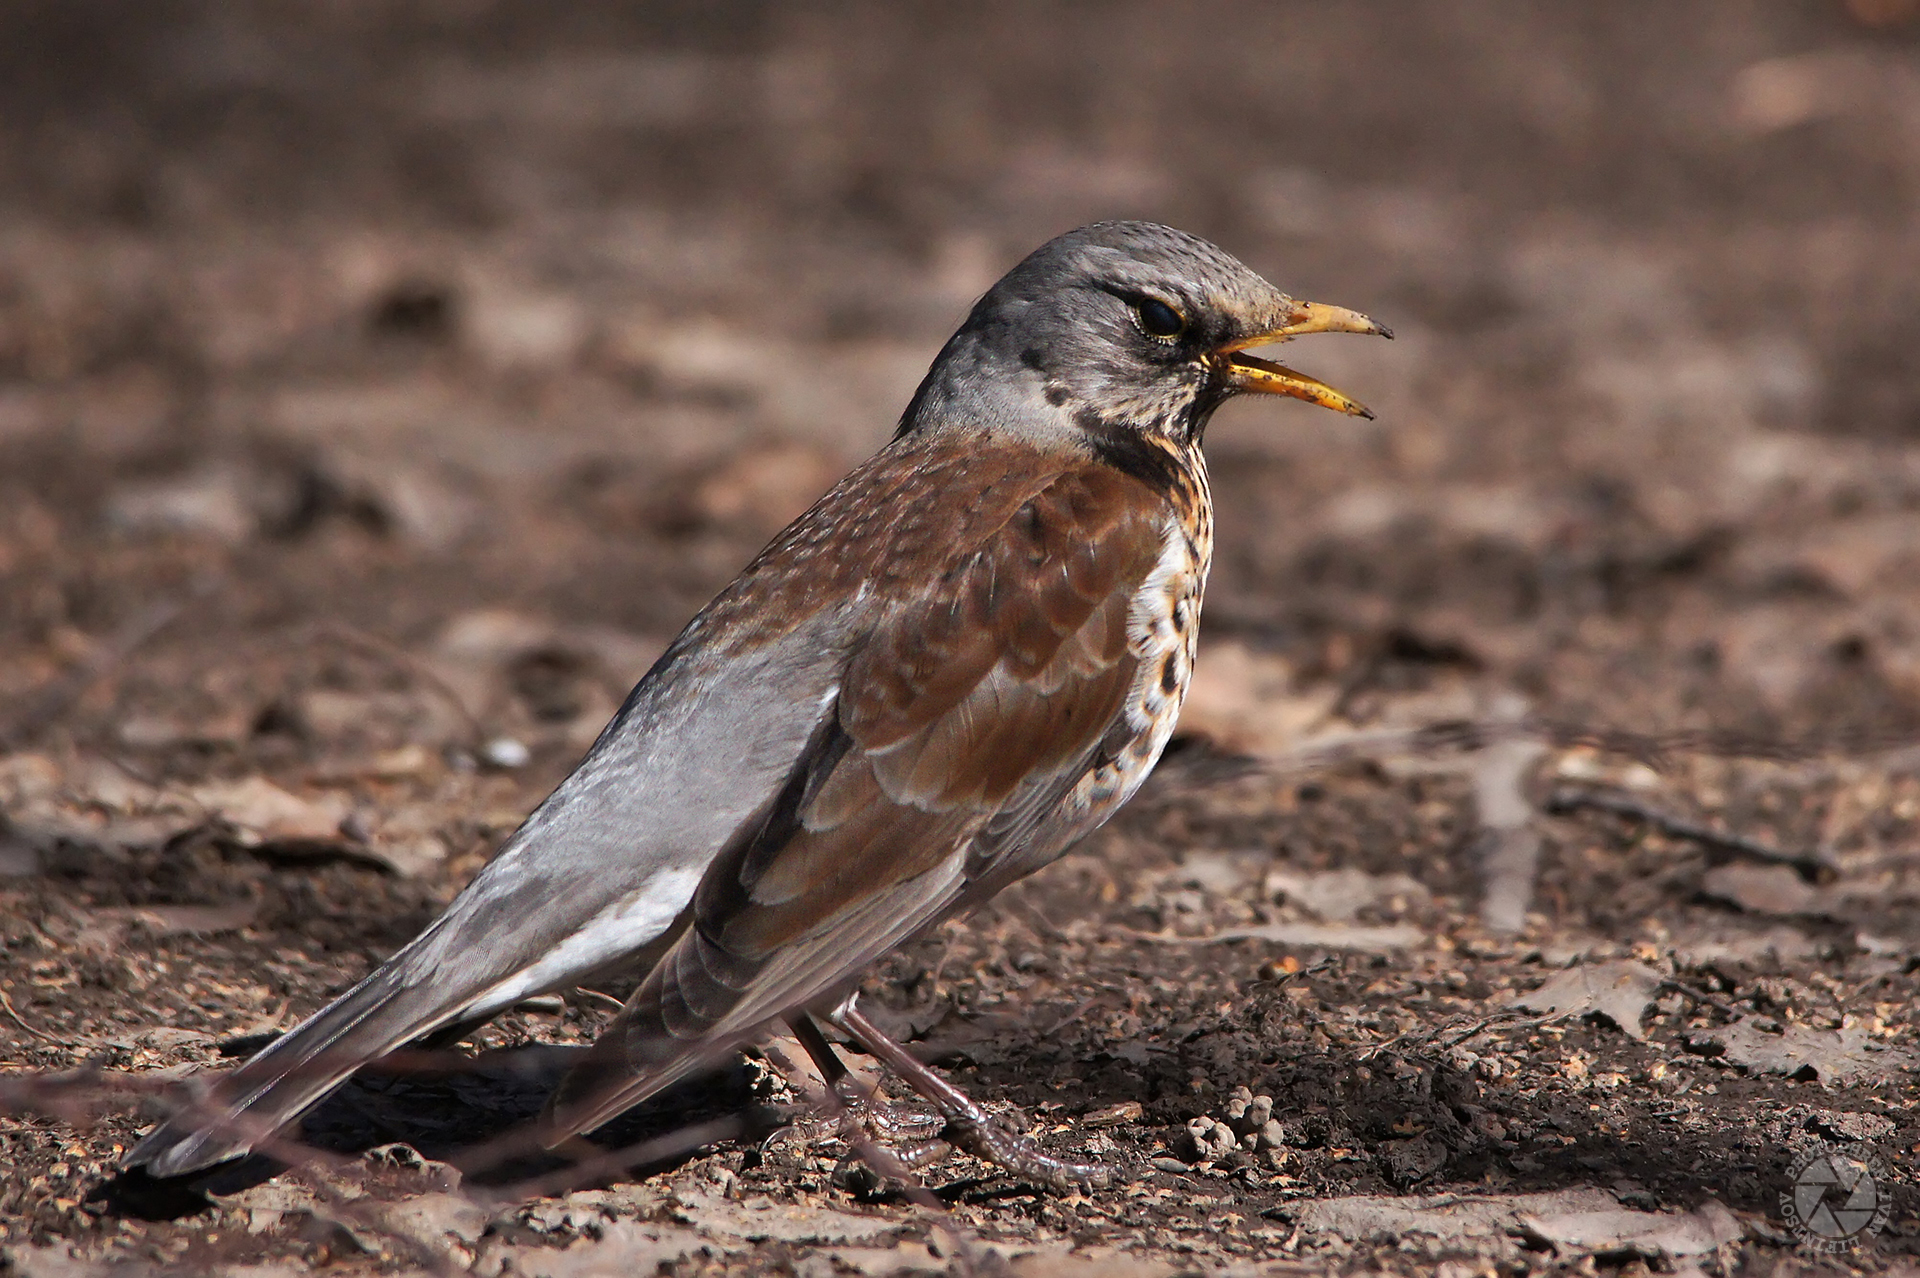 меня вдохновляют что за птицы появились в москве фото фото сувенирах, высокое